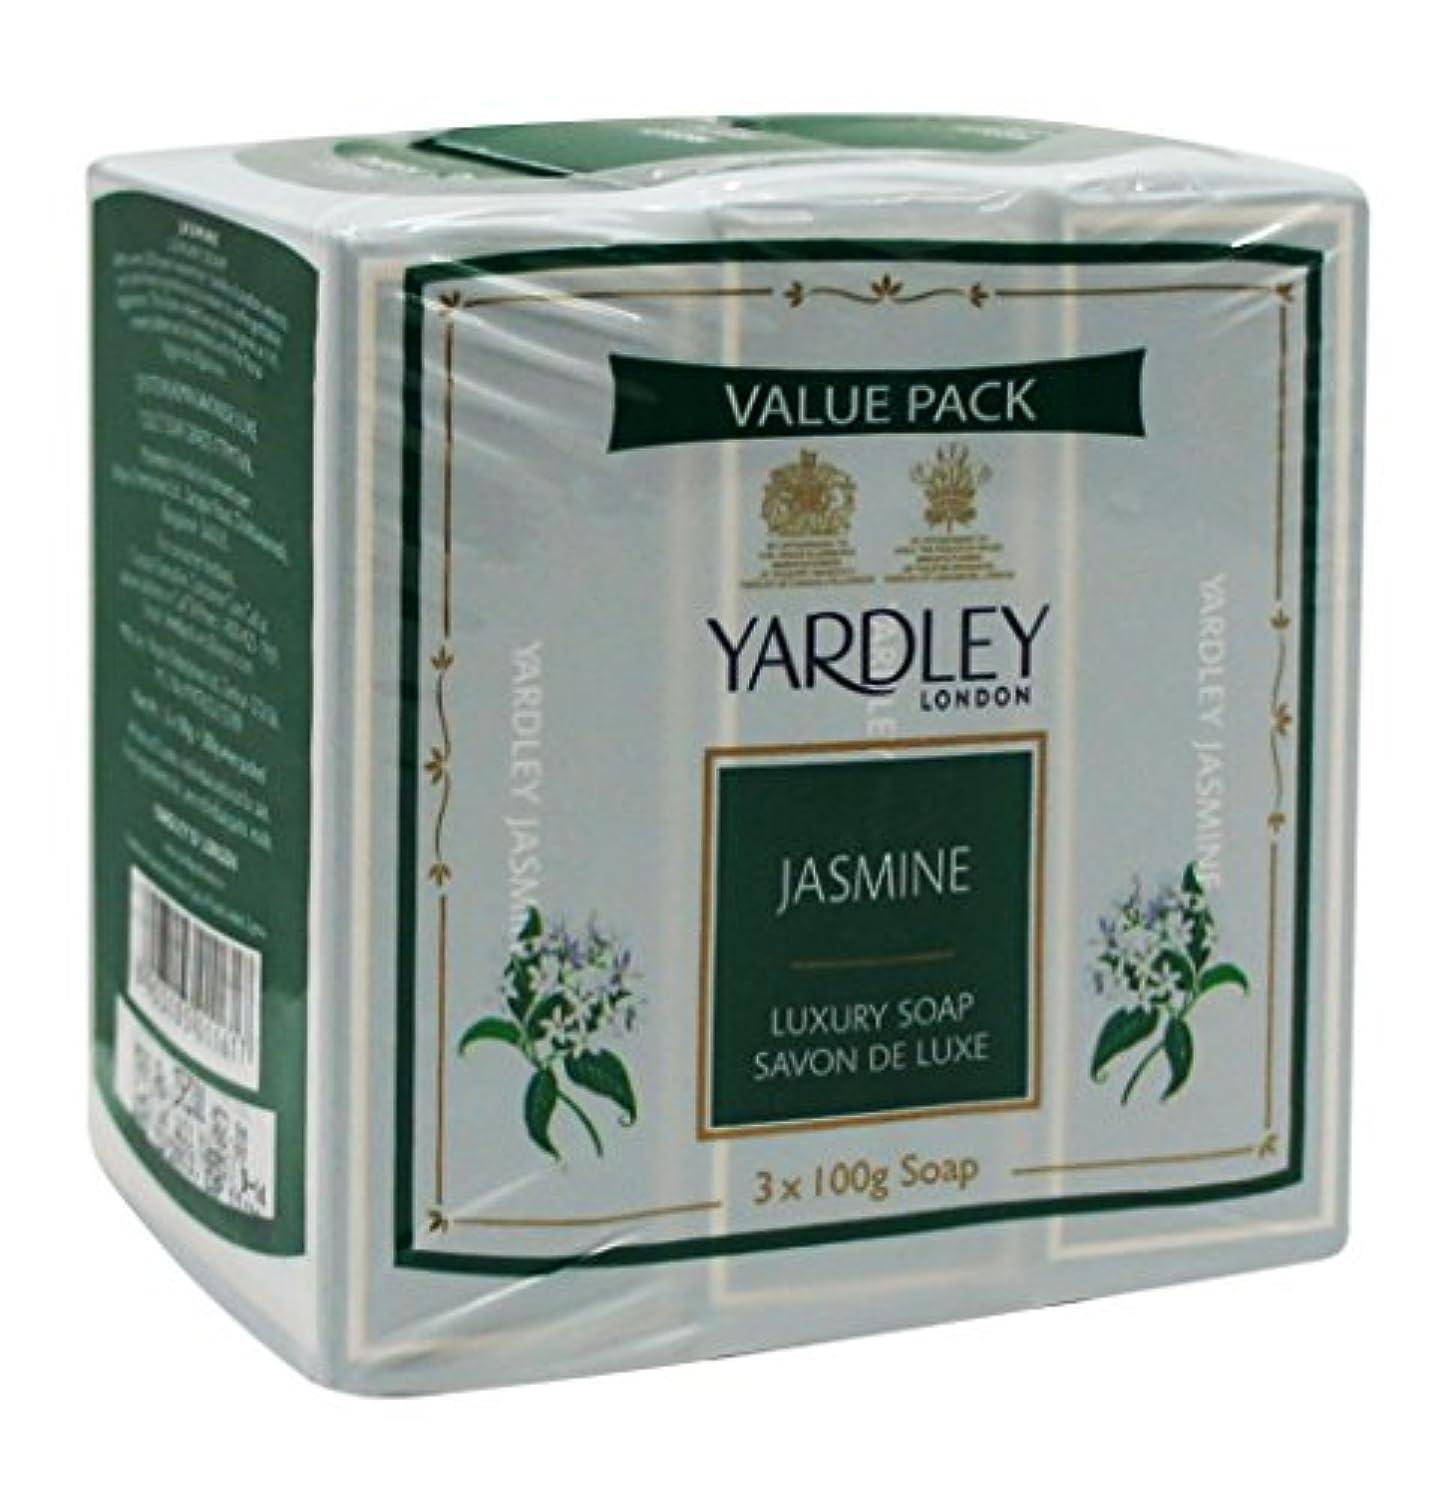 試みる埋める補足Yardley London Value Pack Luxury Soap 3x100g Jasmine by Yardley